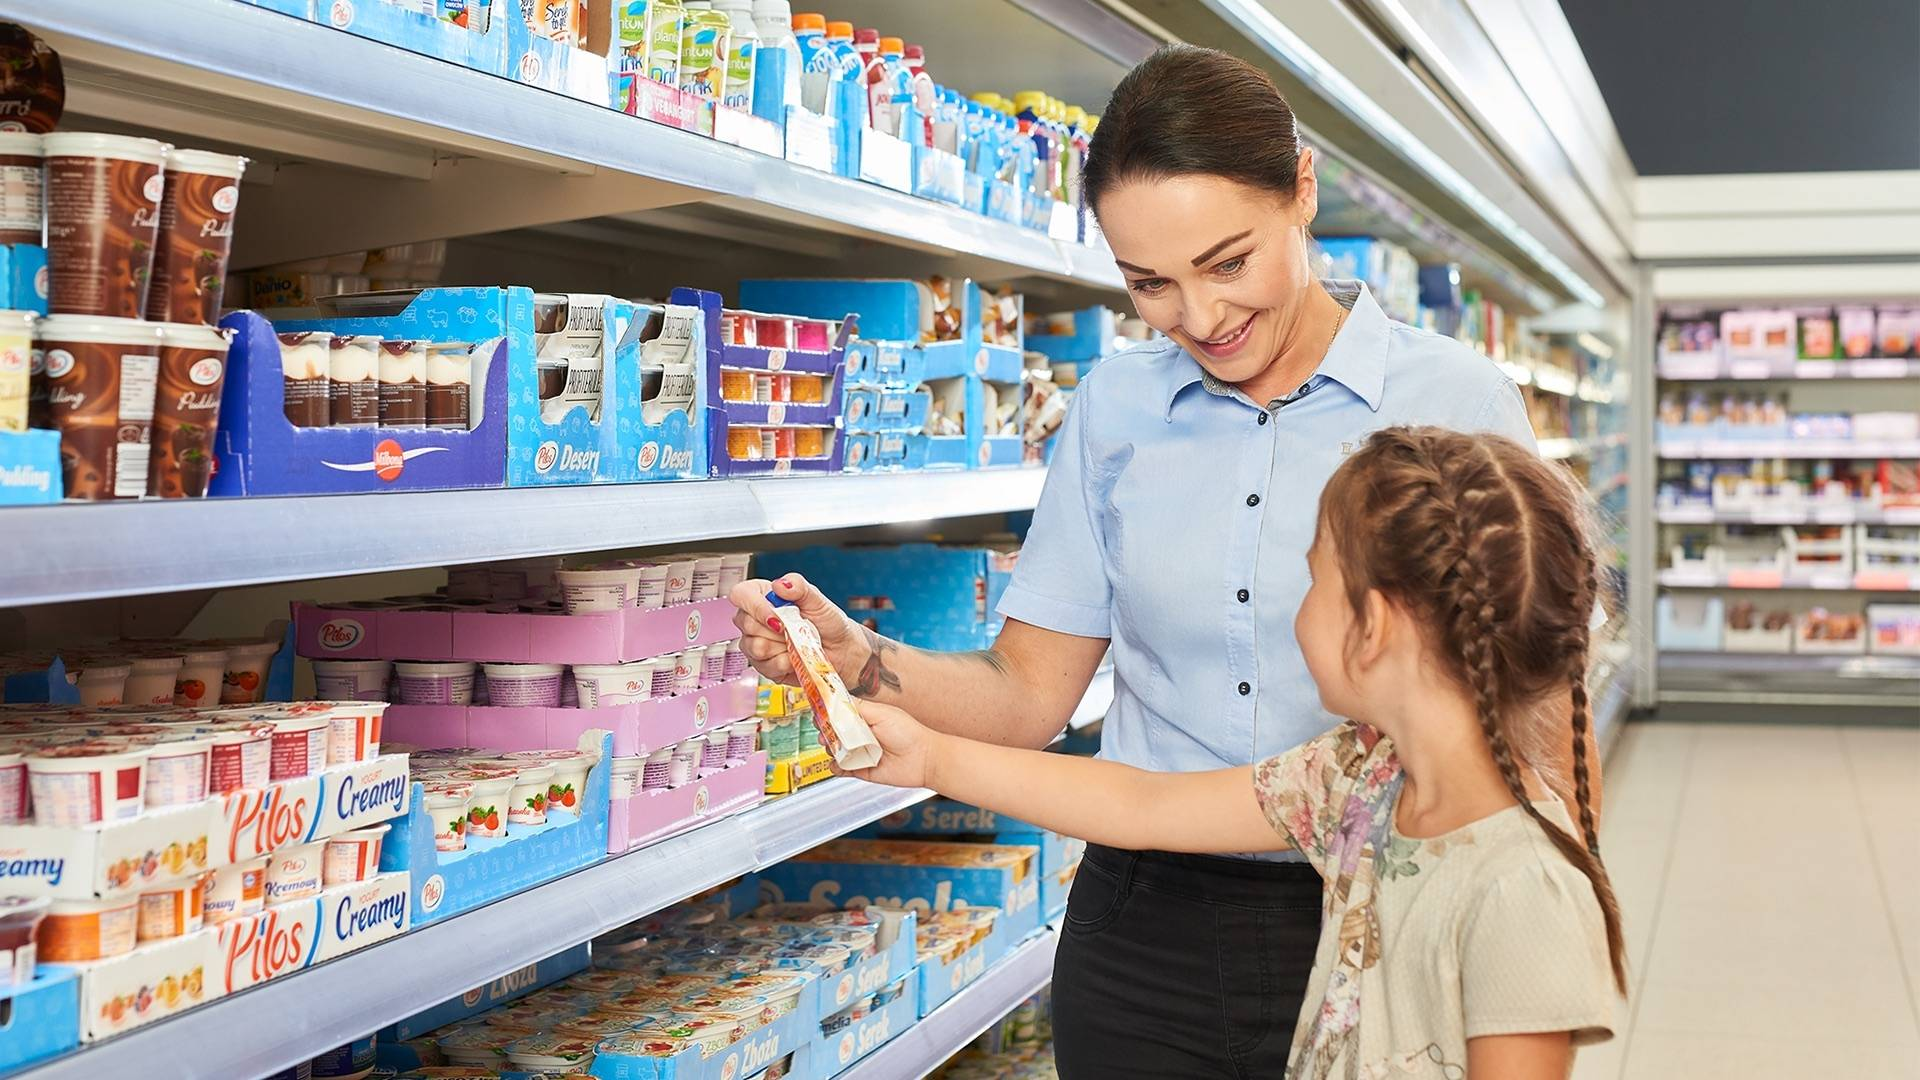 Praca w sklepie. Zastępca managera sklepu podaje produk klientowi - dziecku.